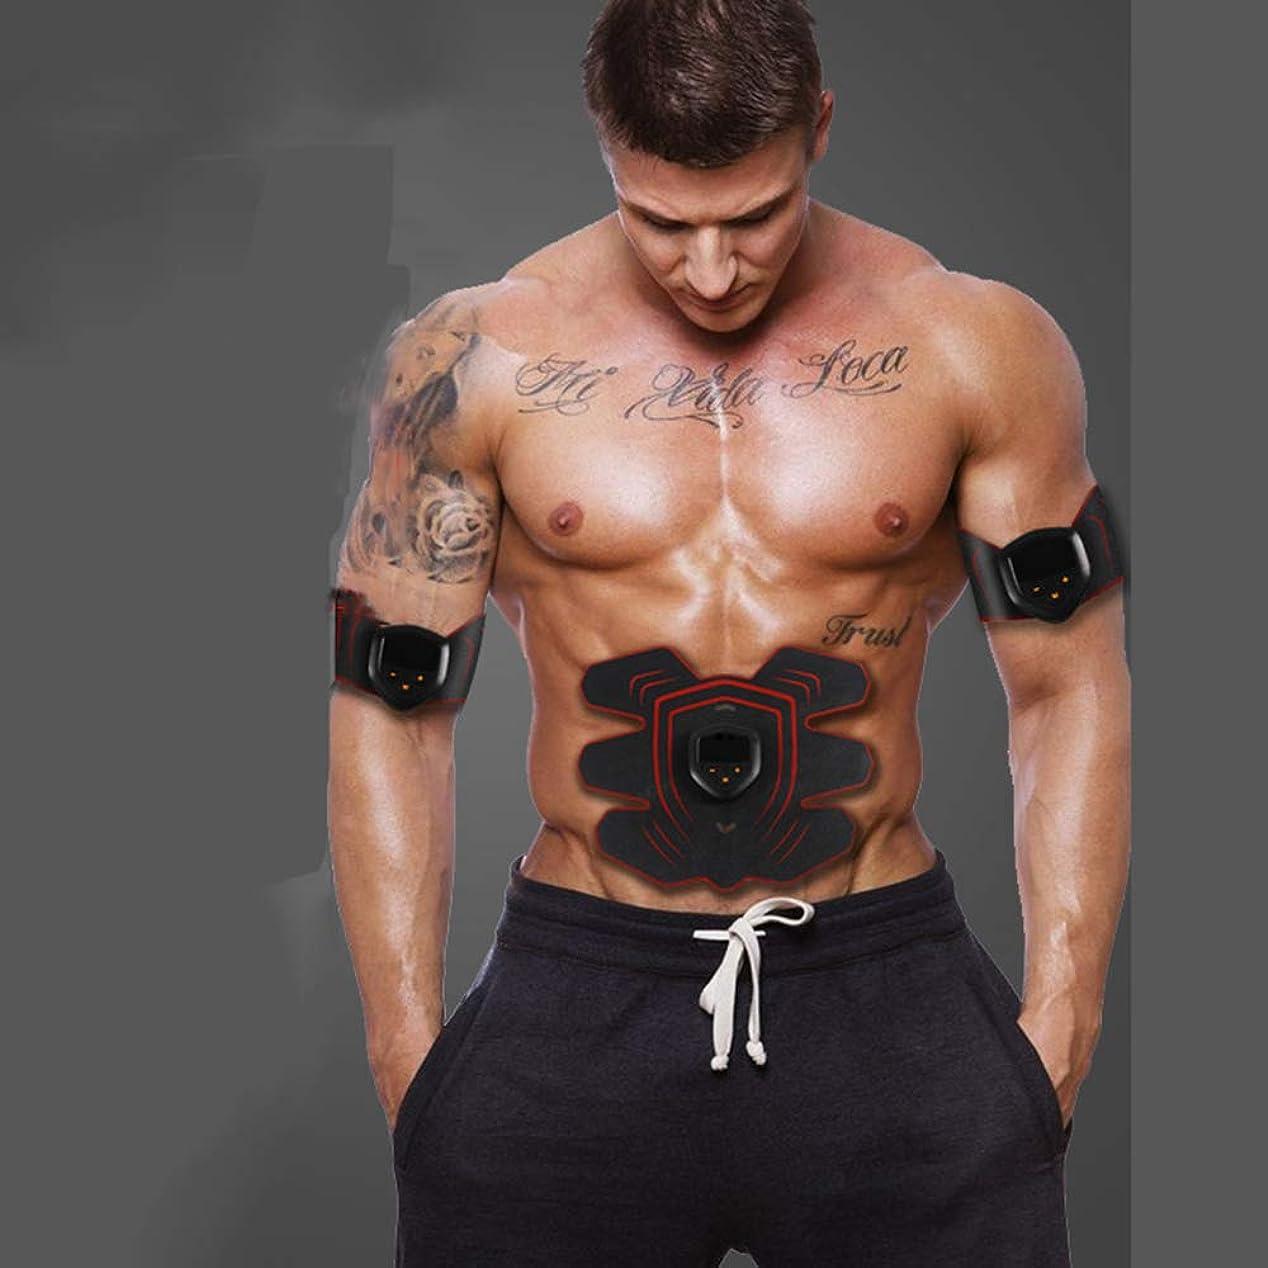 手入れ行進繊毛USB電気腹部装置EMS筋肉刺激装置ボディフィットネスマッサージ装置腹筋運動スポーツフィットネス機器ユニセックス